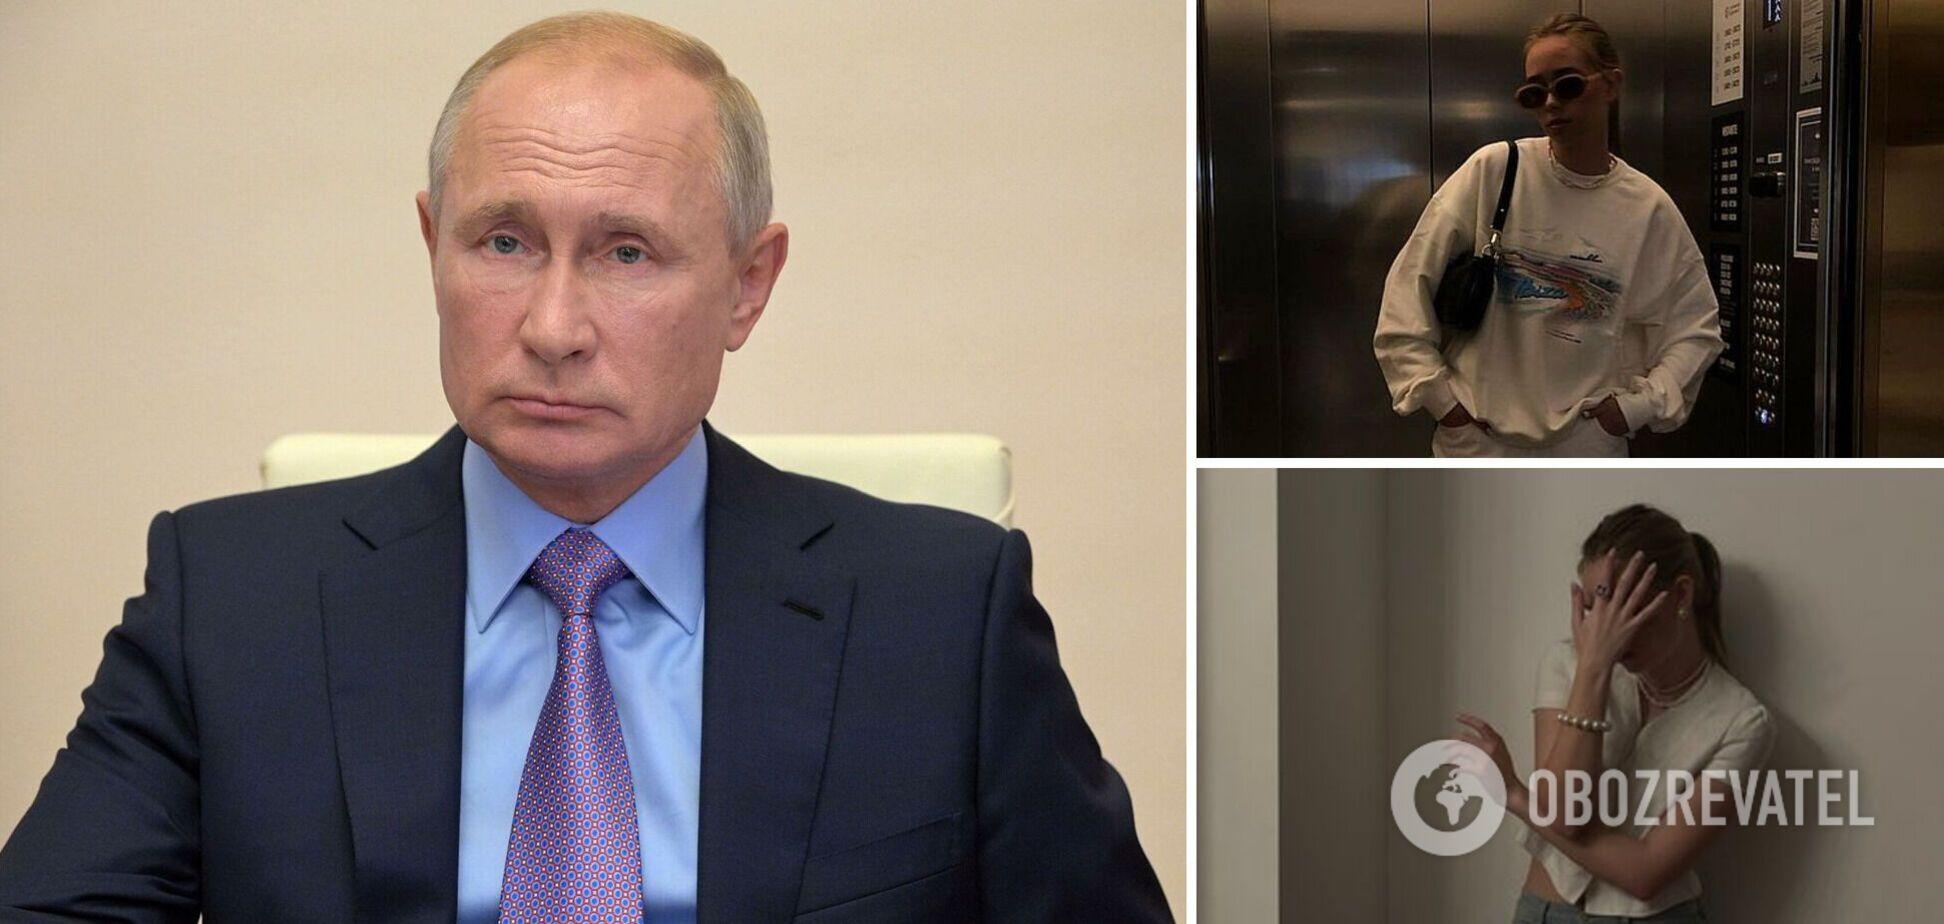 'Позашлюбна дочка' Путіна – в першому інтерв'ю: за його юними фотографіями, напевно, так, схожа. Нові фото